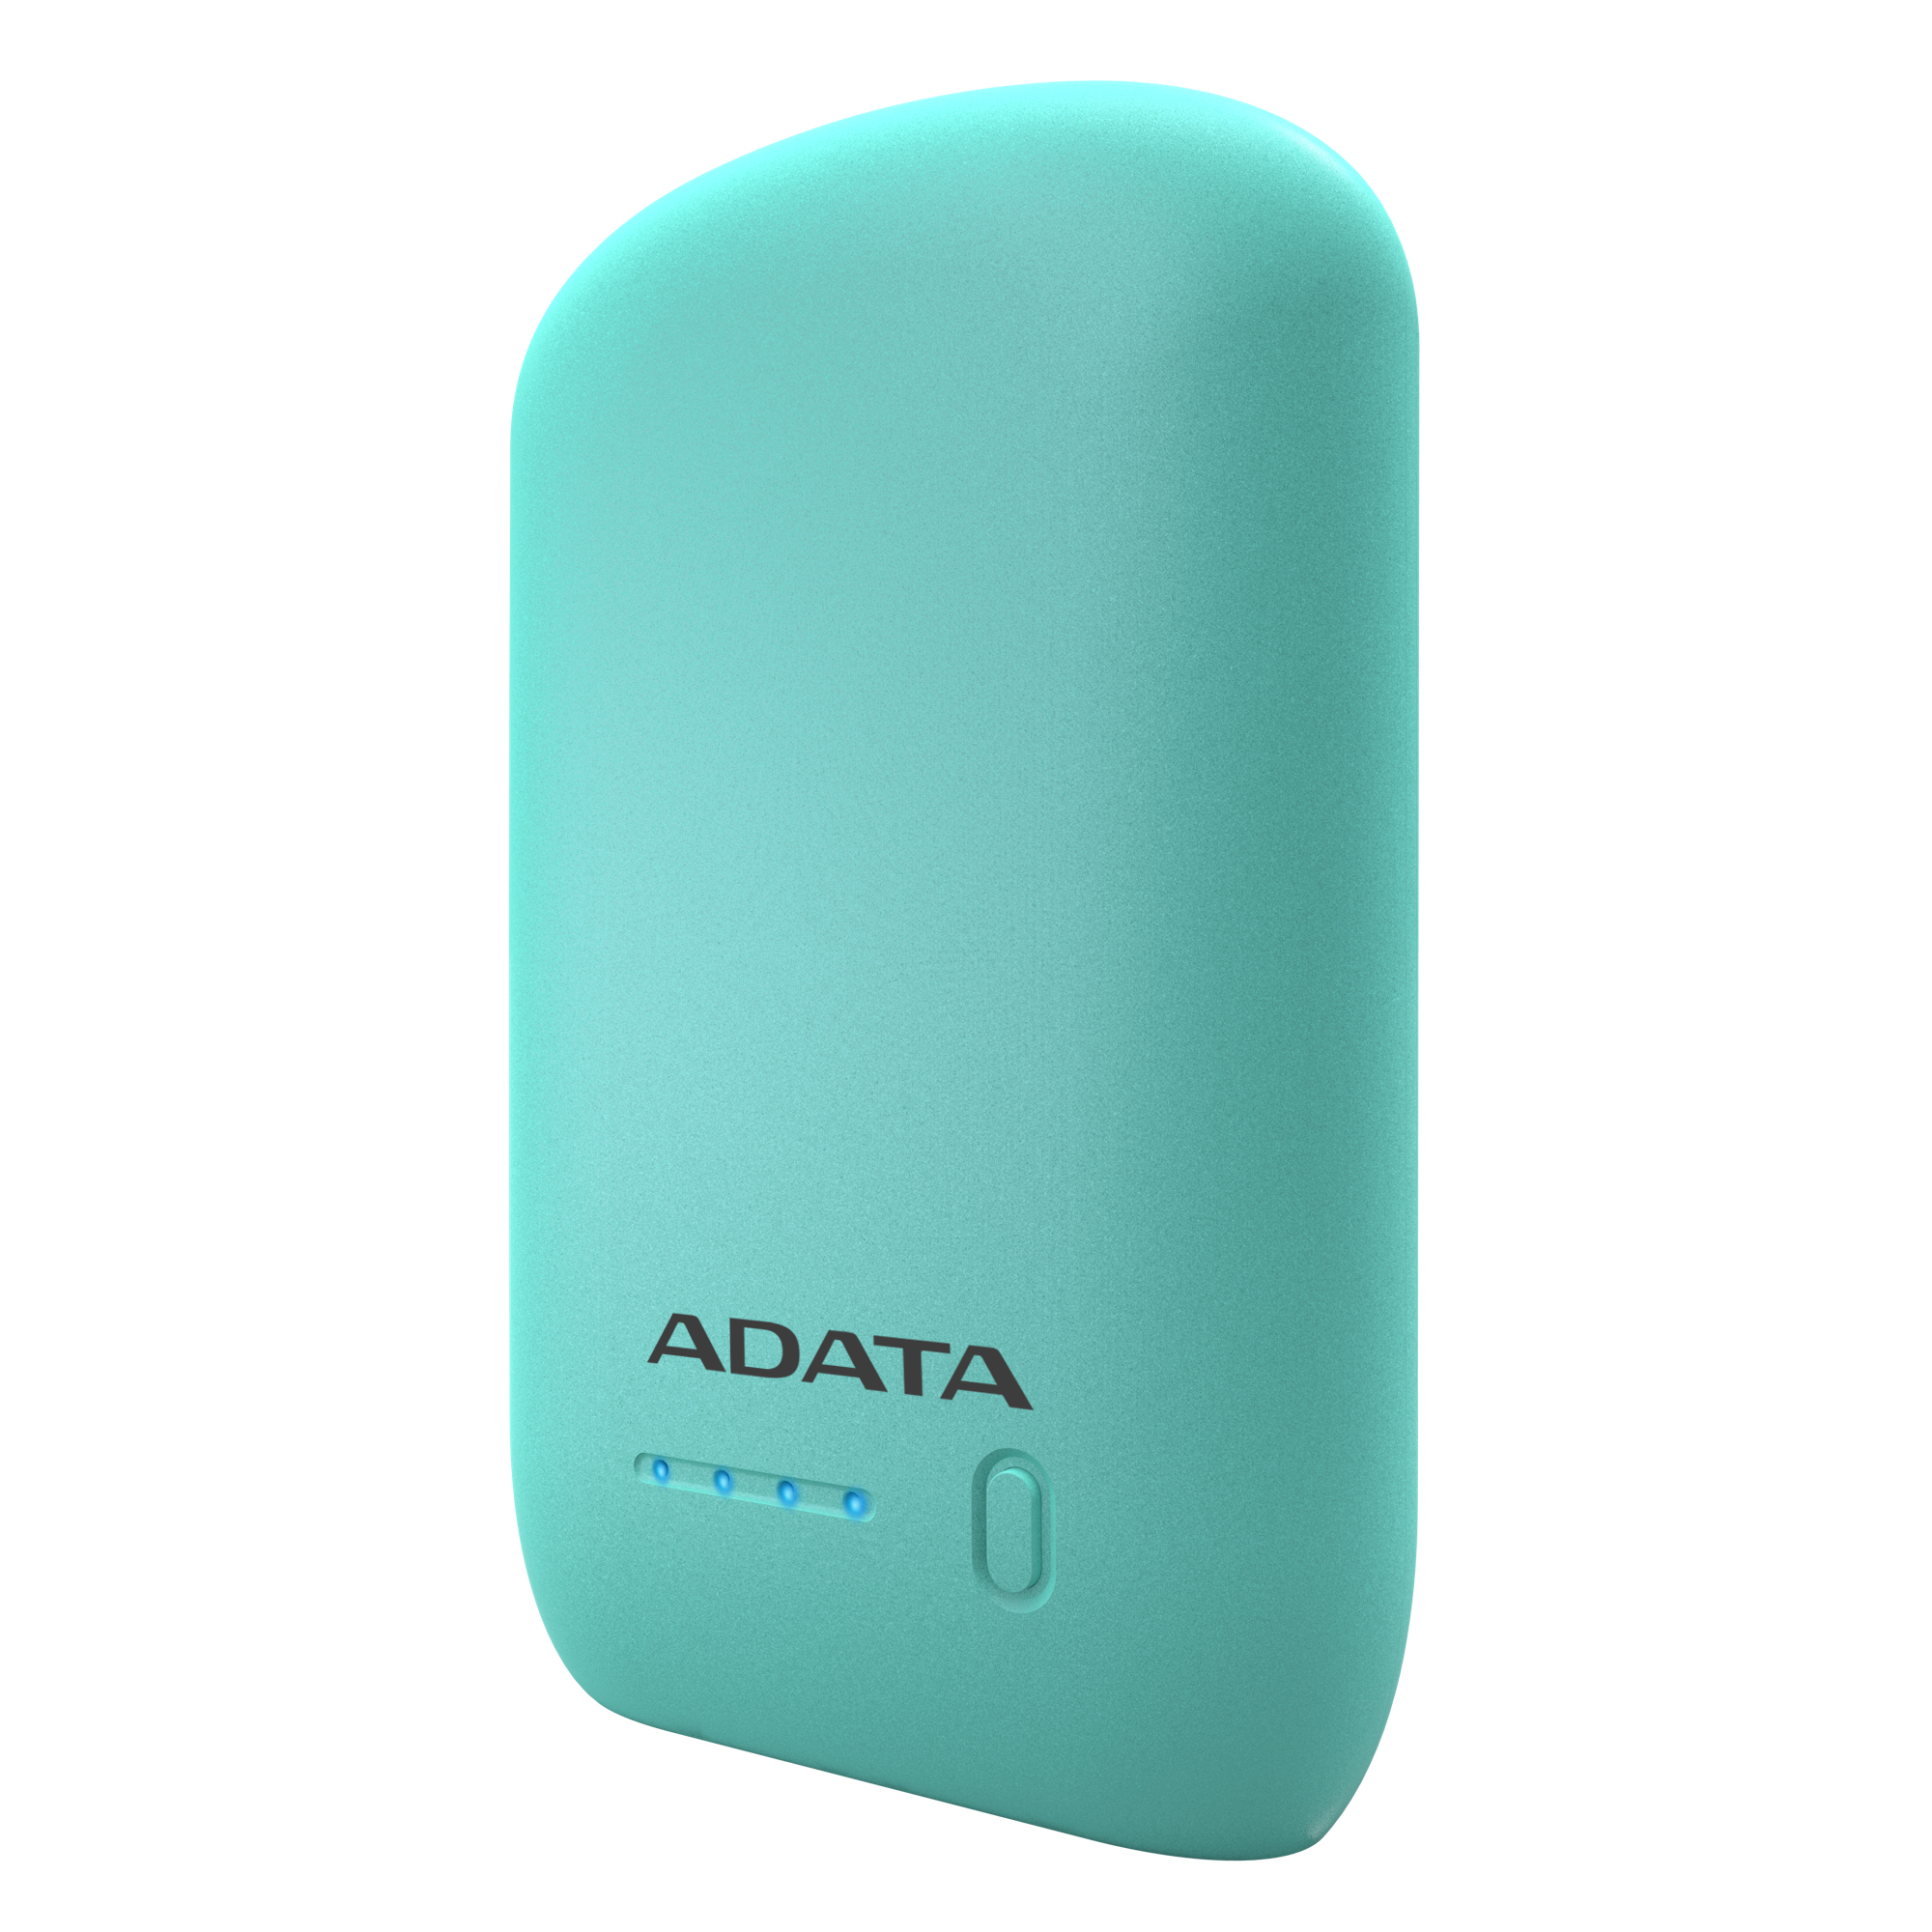 PowerBank ADATA P10050 10050mAh, green